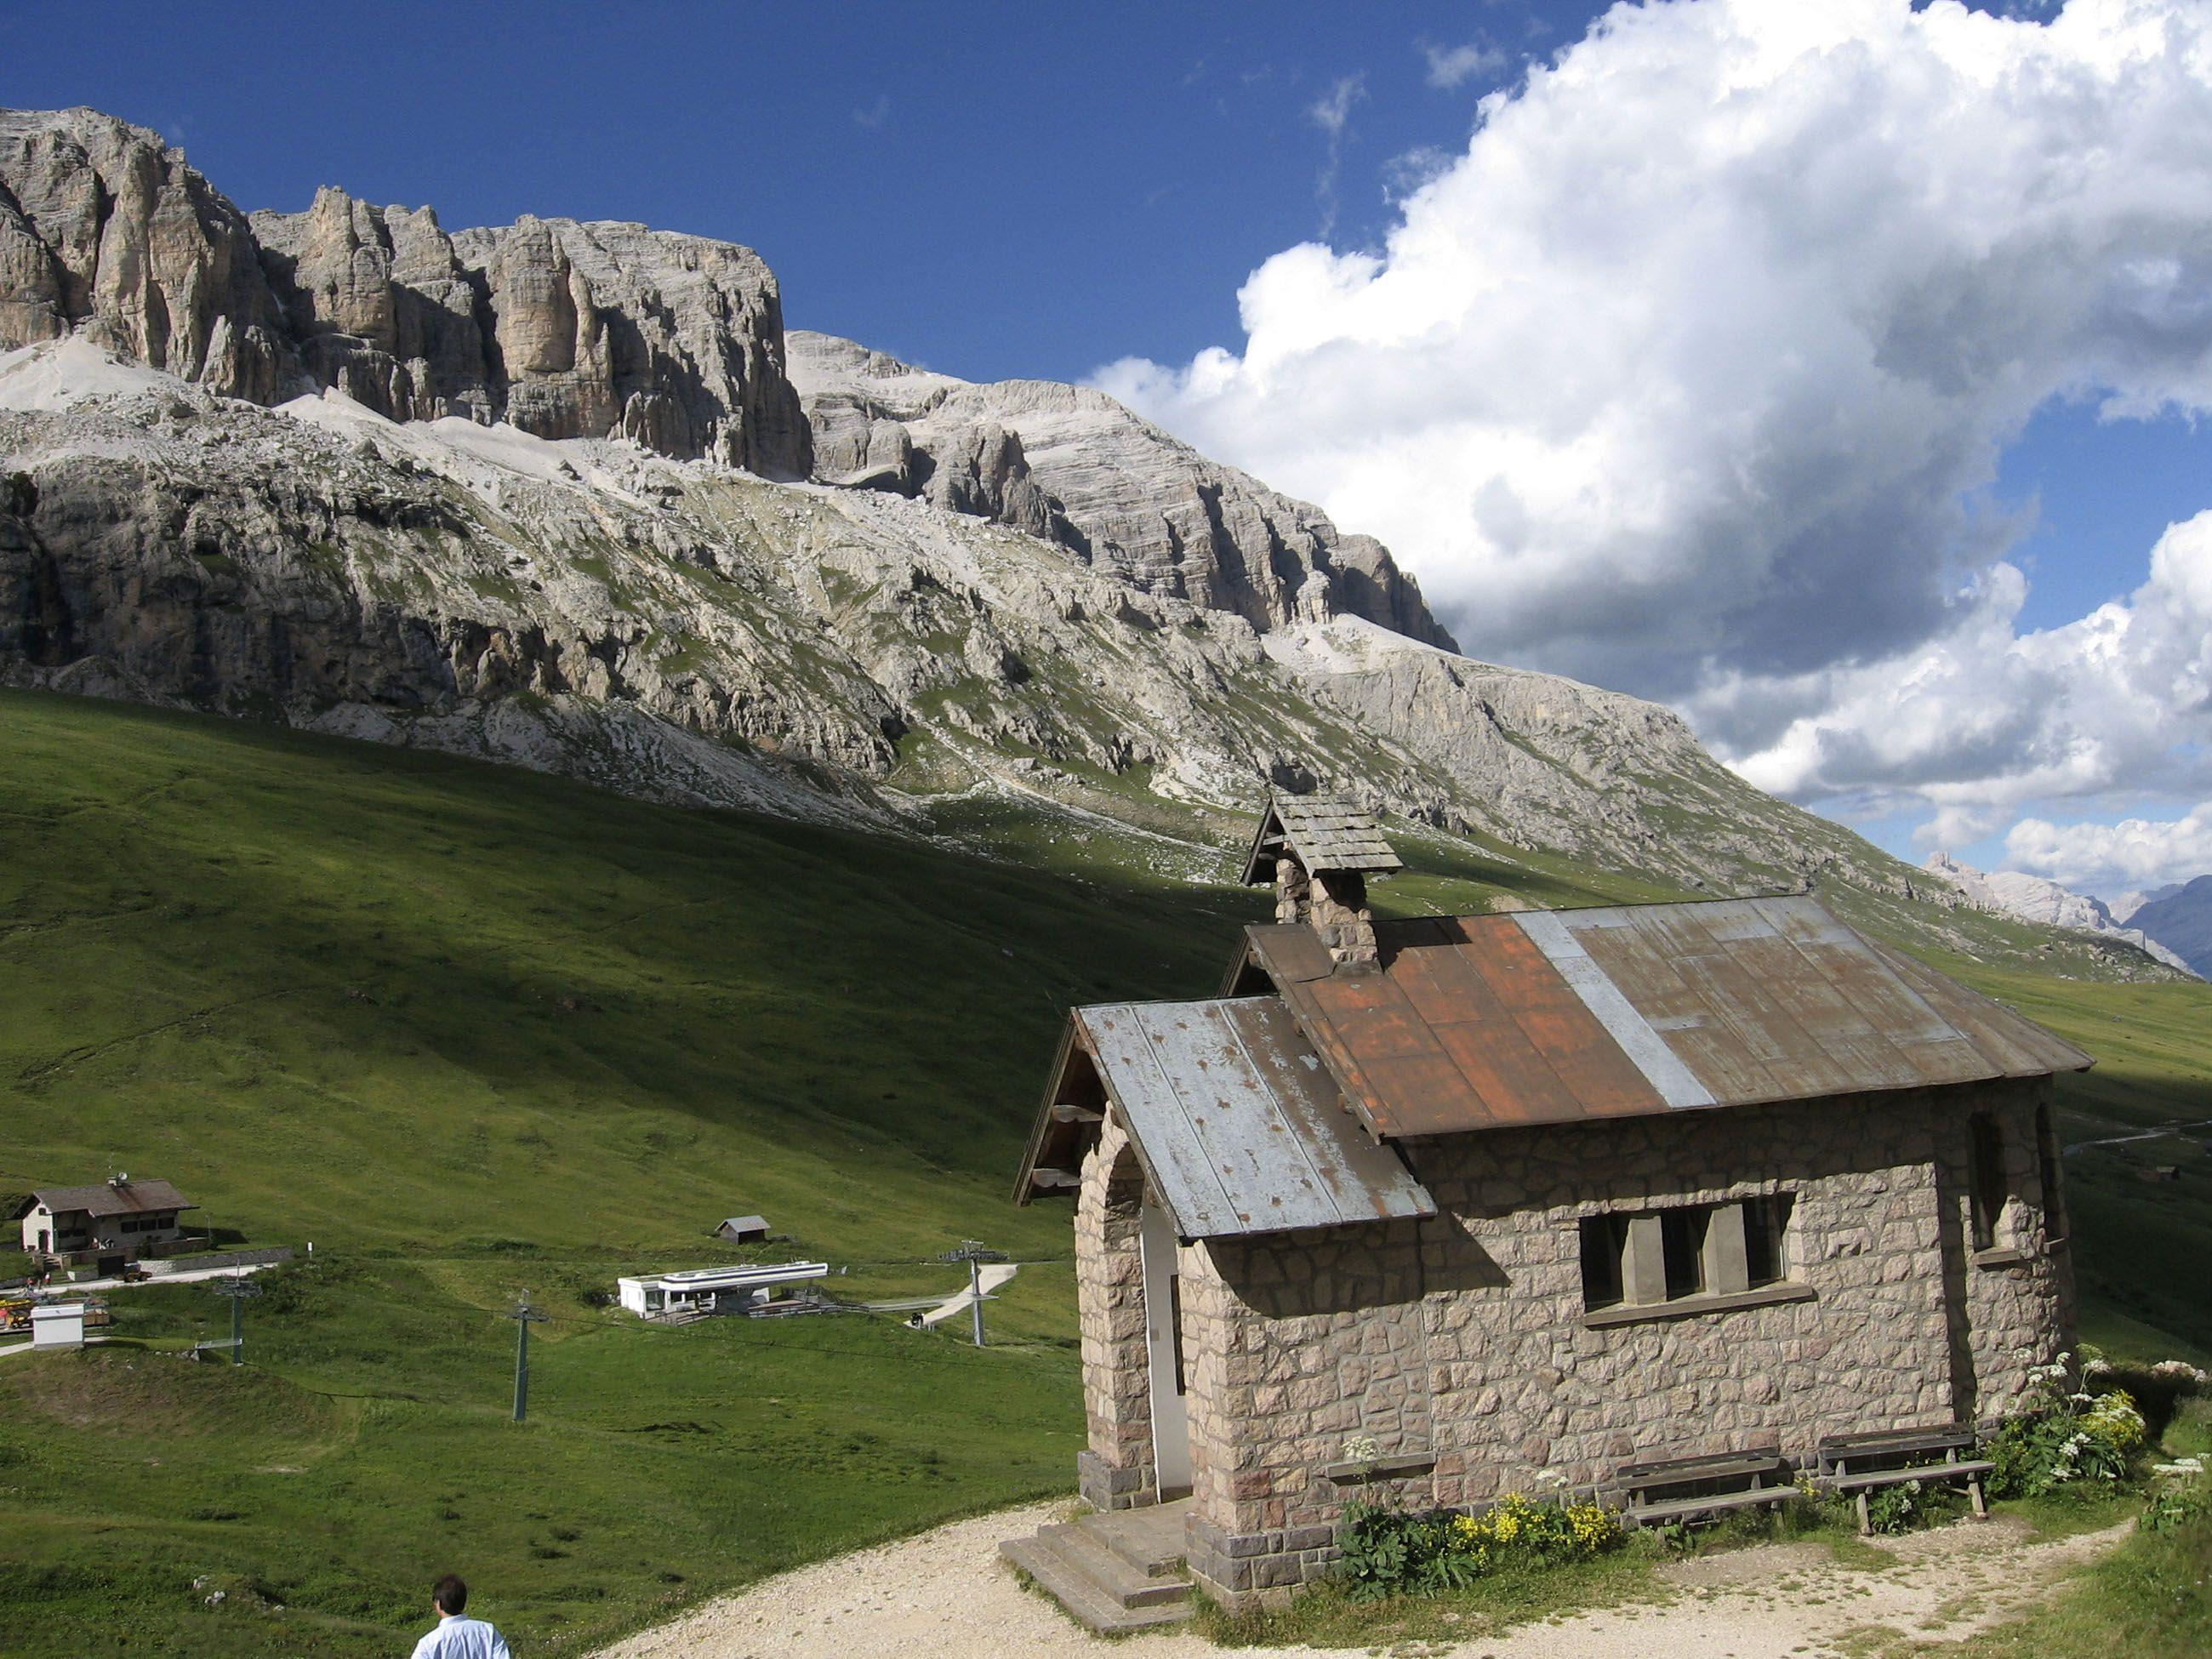 Die Westösterreicher äußerten sich bei der Umfrage weniger positiv gegenüber sezessionistischen Wünschen einiger Südtiroler, auch wenn sie diese ebenfalls mehrheitlich befürworten.